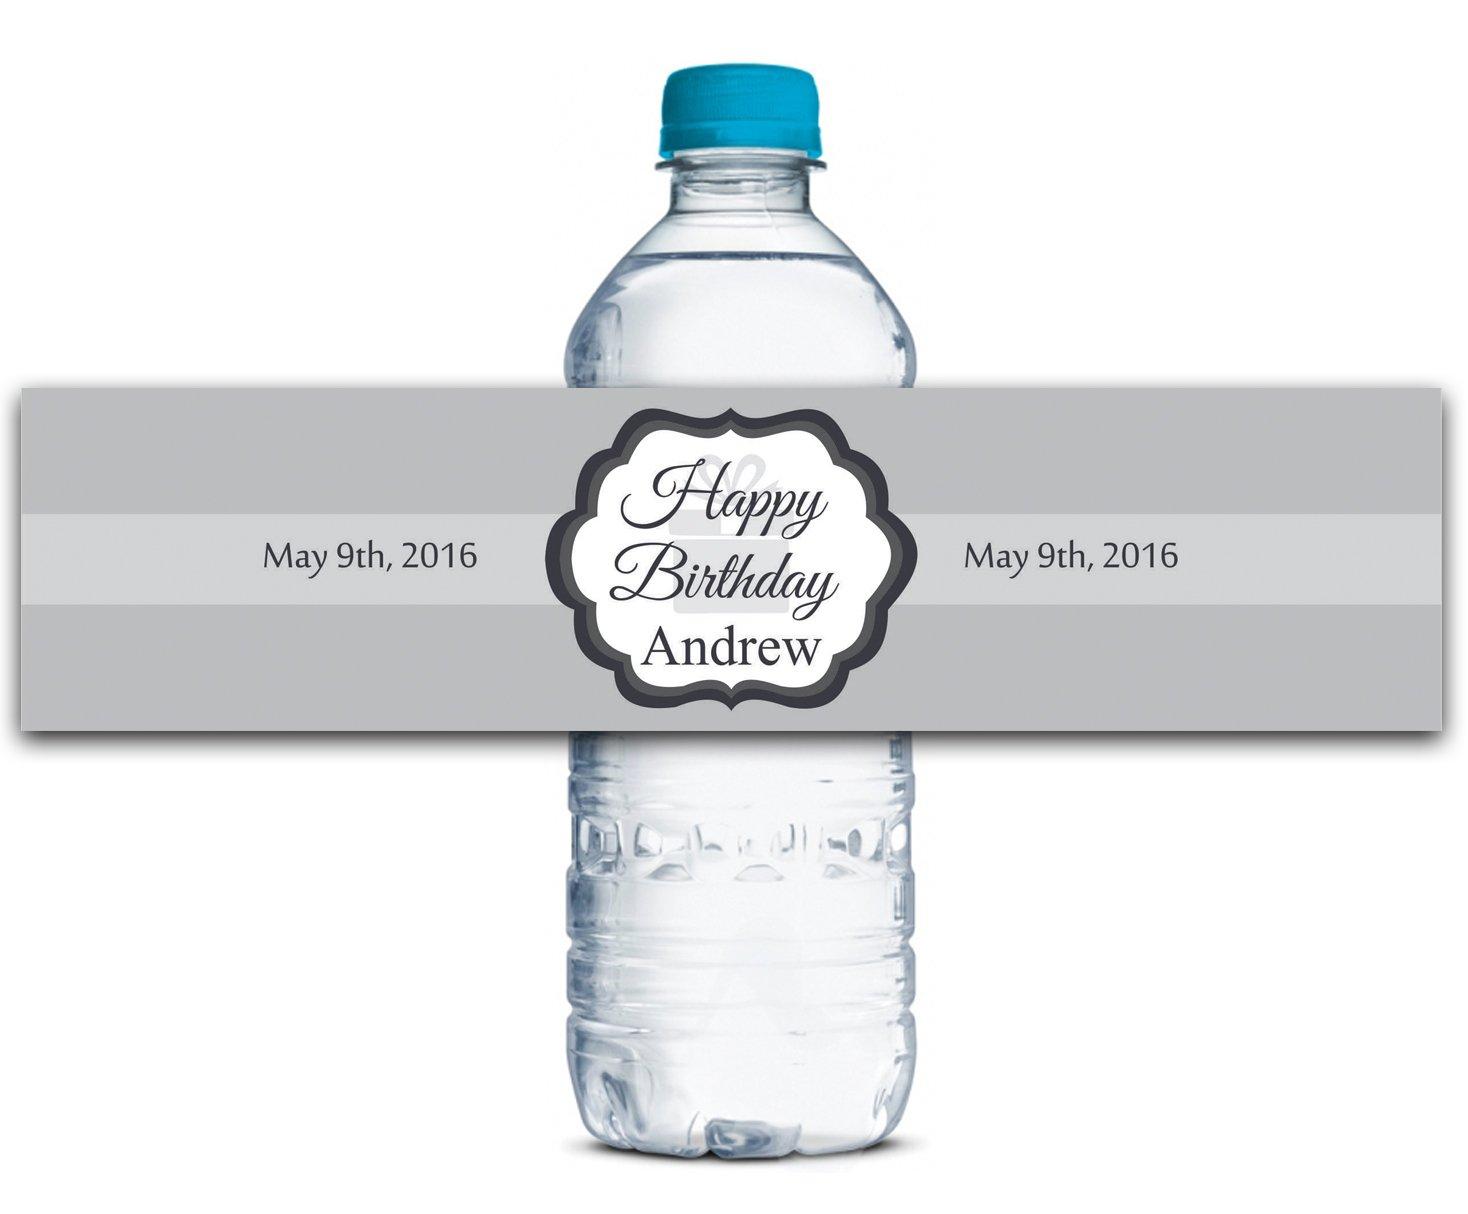 Geburtstags-Wasser-Flaschen-Etiketten Geburtstags-Wasser-Flaschen-Etiketten Geburtstags-Wasser-Flaschen-Etiketten Selbstklebende wasserdichte Kundenspezifische Geburtstags-Aufkleber 8  x 2  Zoll - 70 Etiketten B01A0W1KLA | Spielzeugwelt, fröhlicher Ozean  eb2bba